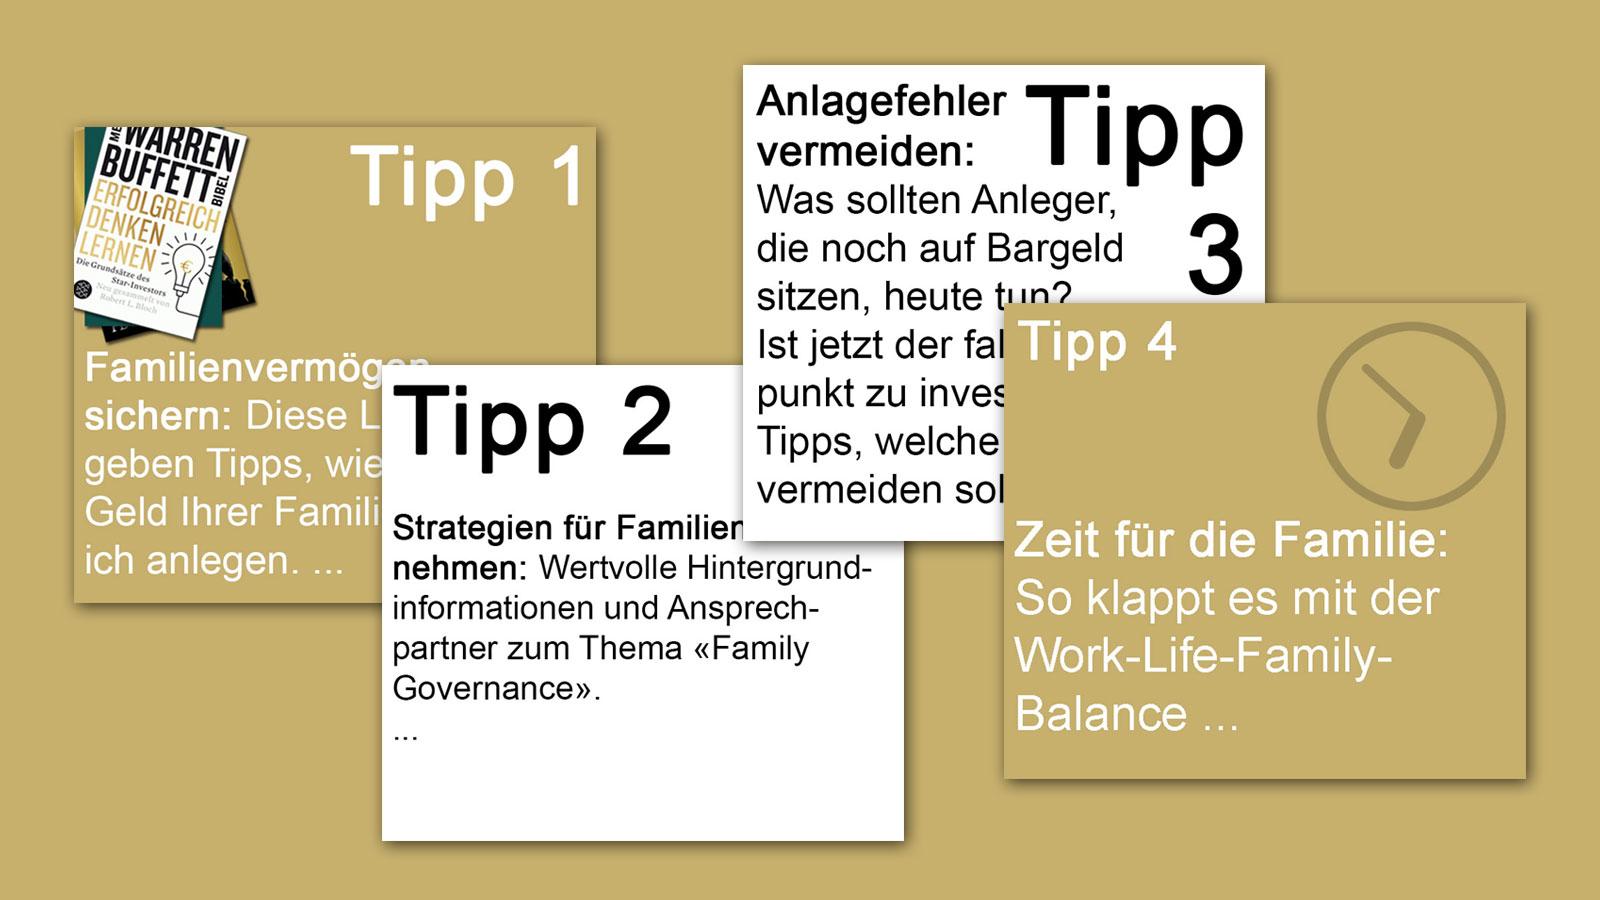 IN KÜRZE – Tipps zum Thema Familienvermögen